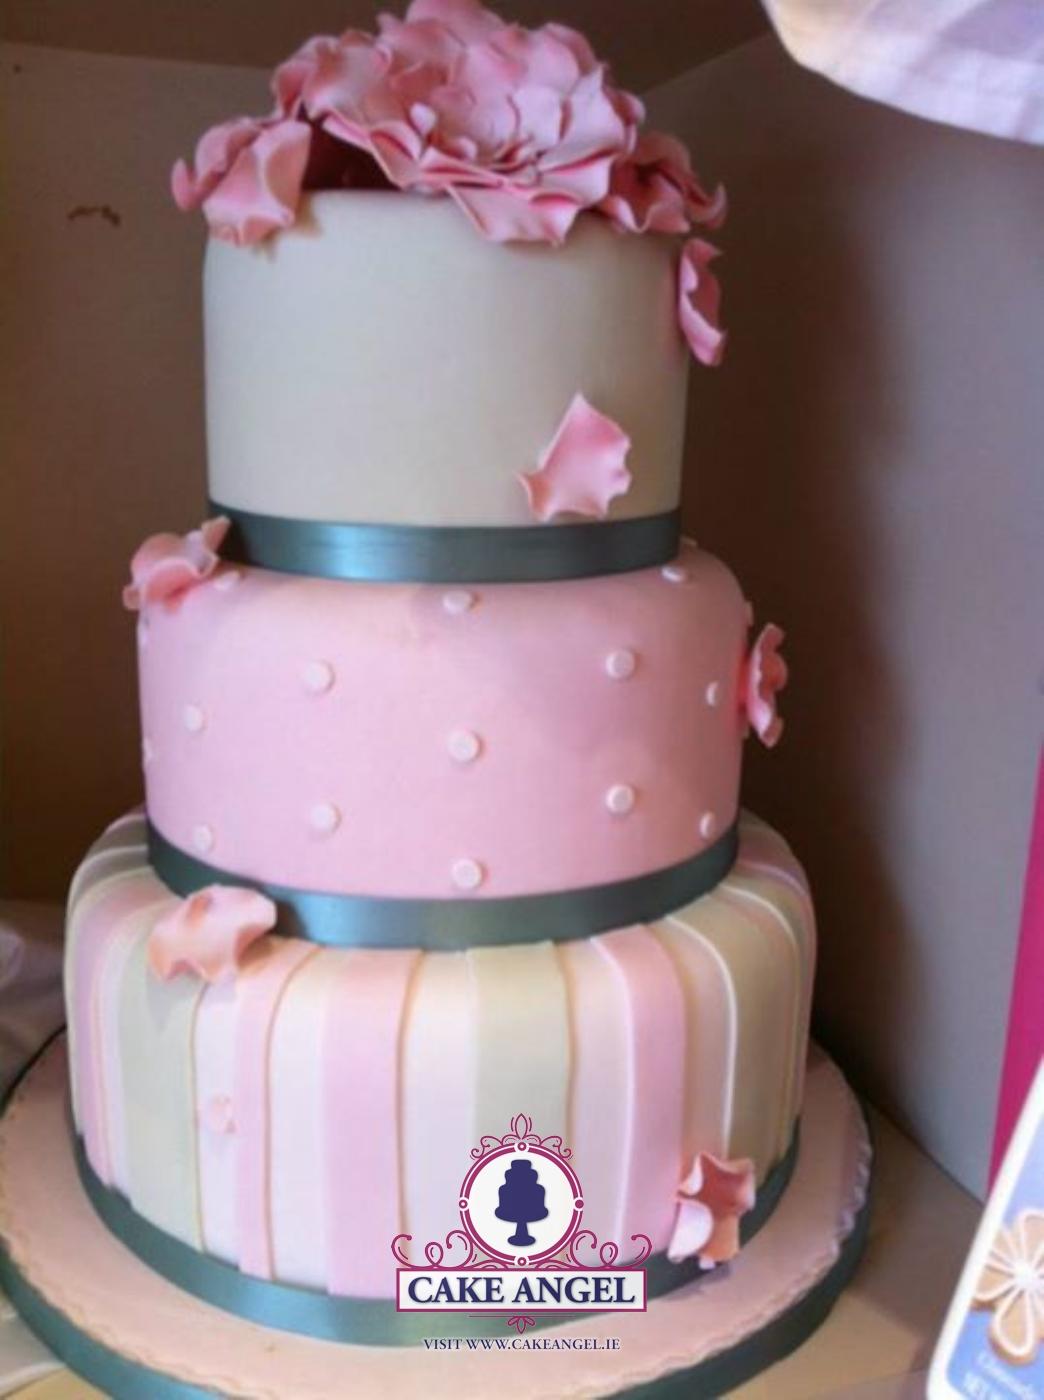 Wedding Cakes - Cake Angel